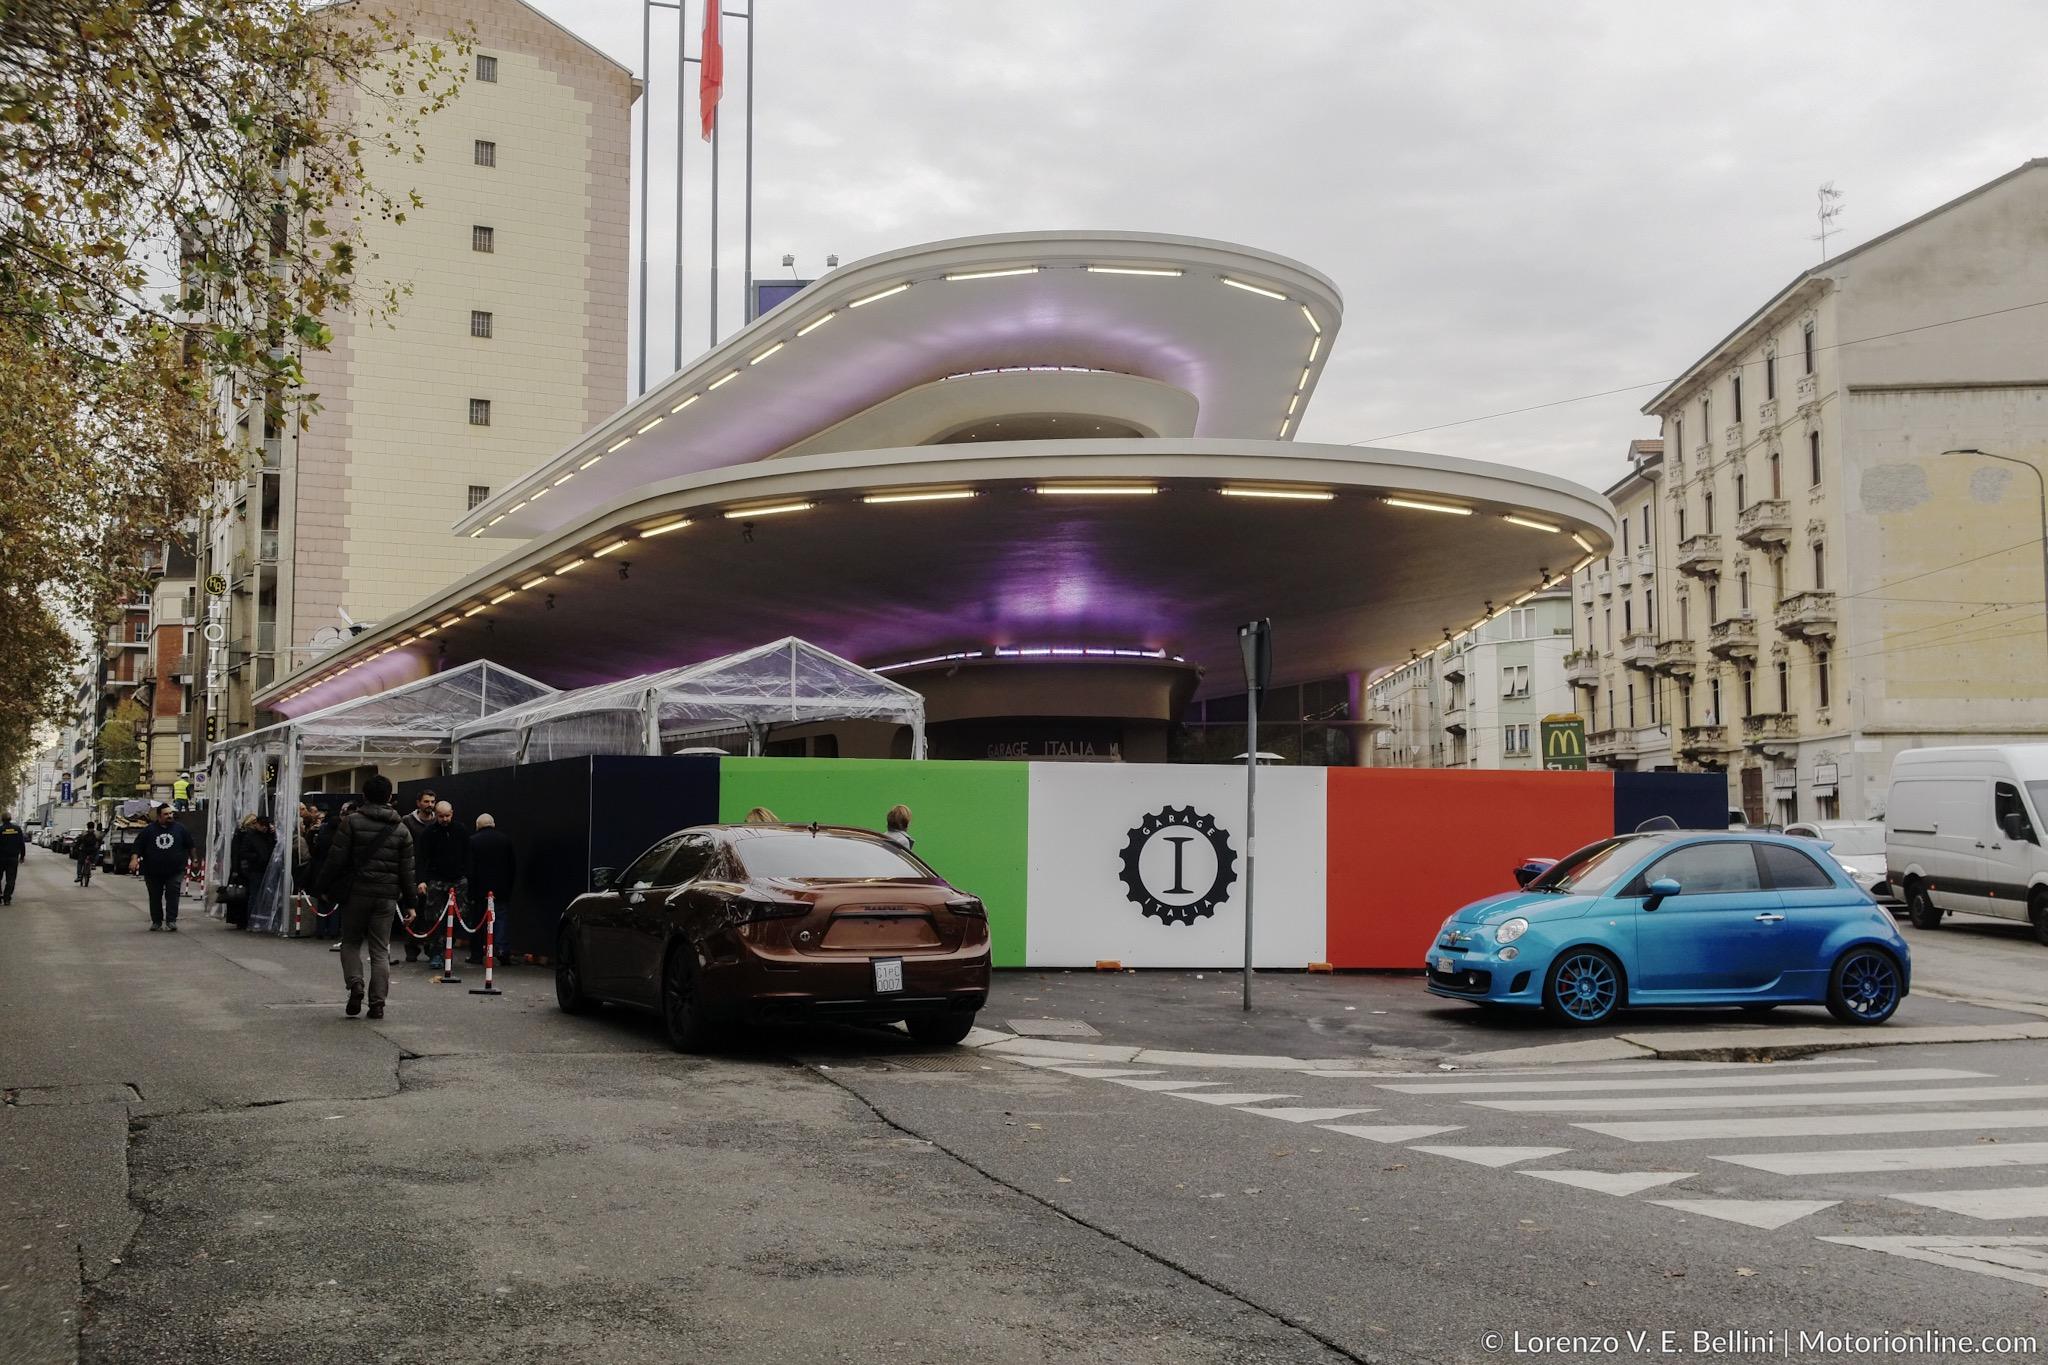 Lapo elkann fa risplendere piazzale accursio lagianni - Garage italia ristorante milano ...